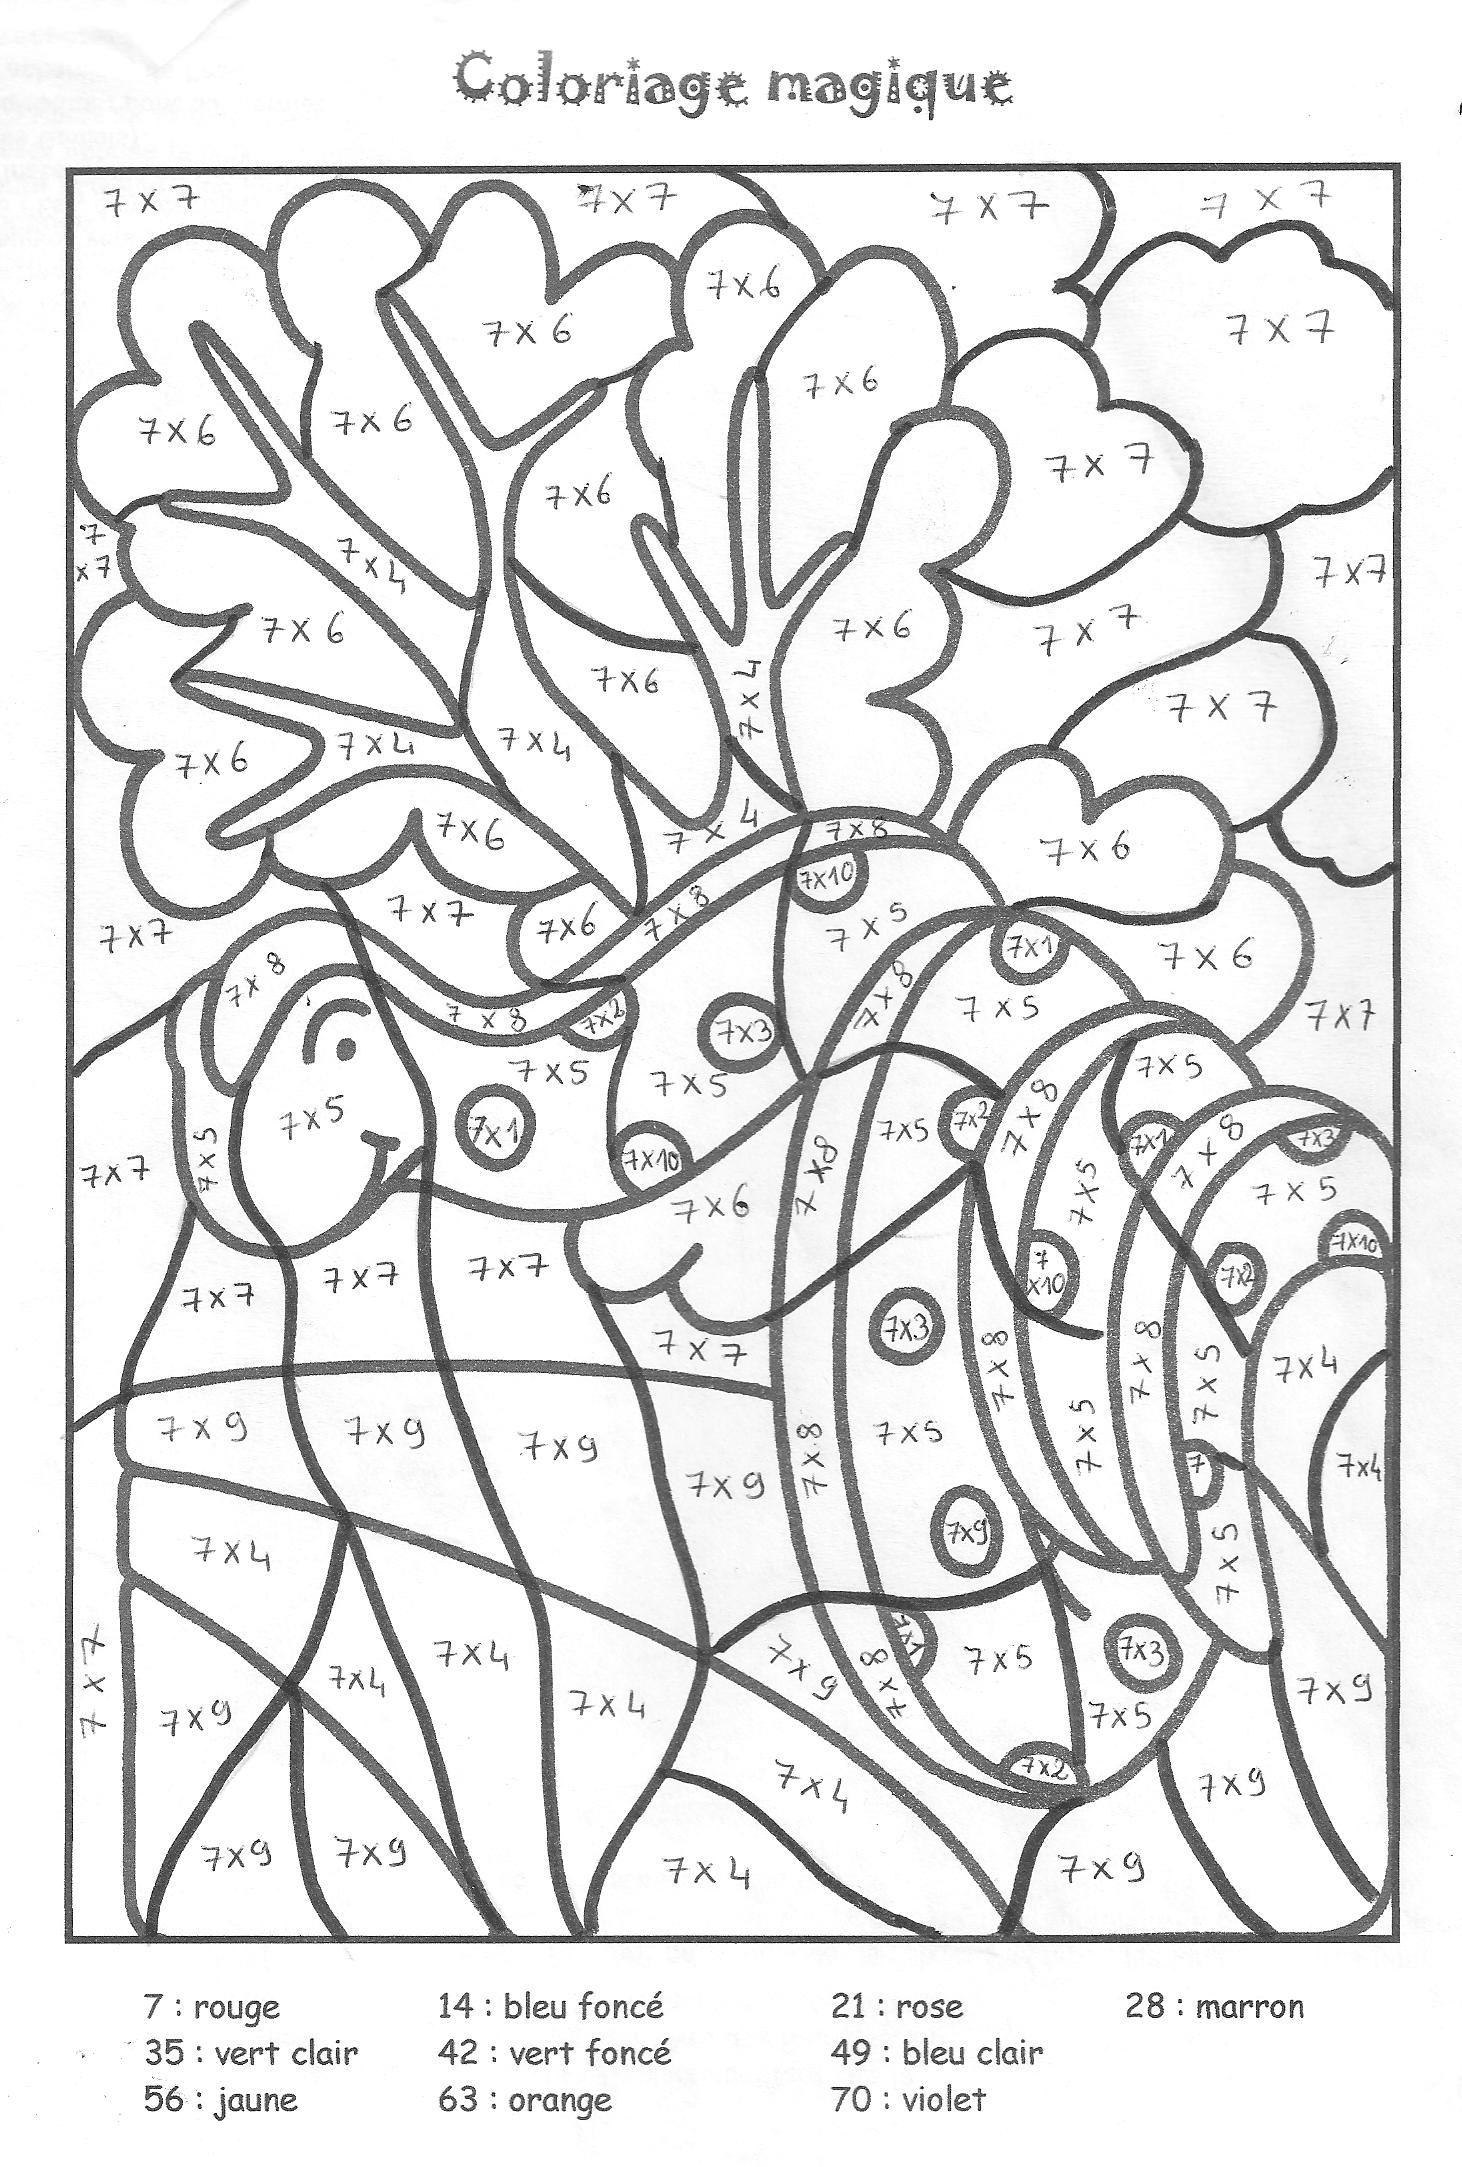 Coloriage Magique Addition Cerca Con Google Le Idee Della Scuola Moltiplicazione Tabelline